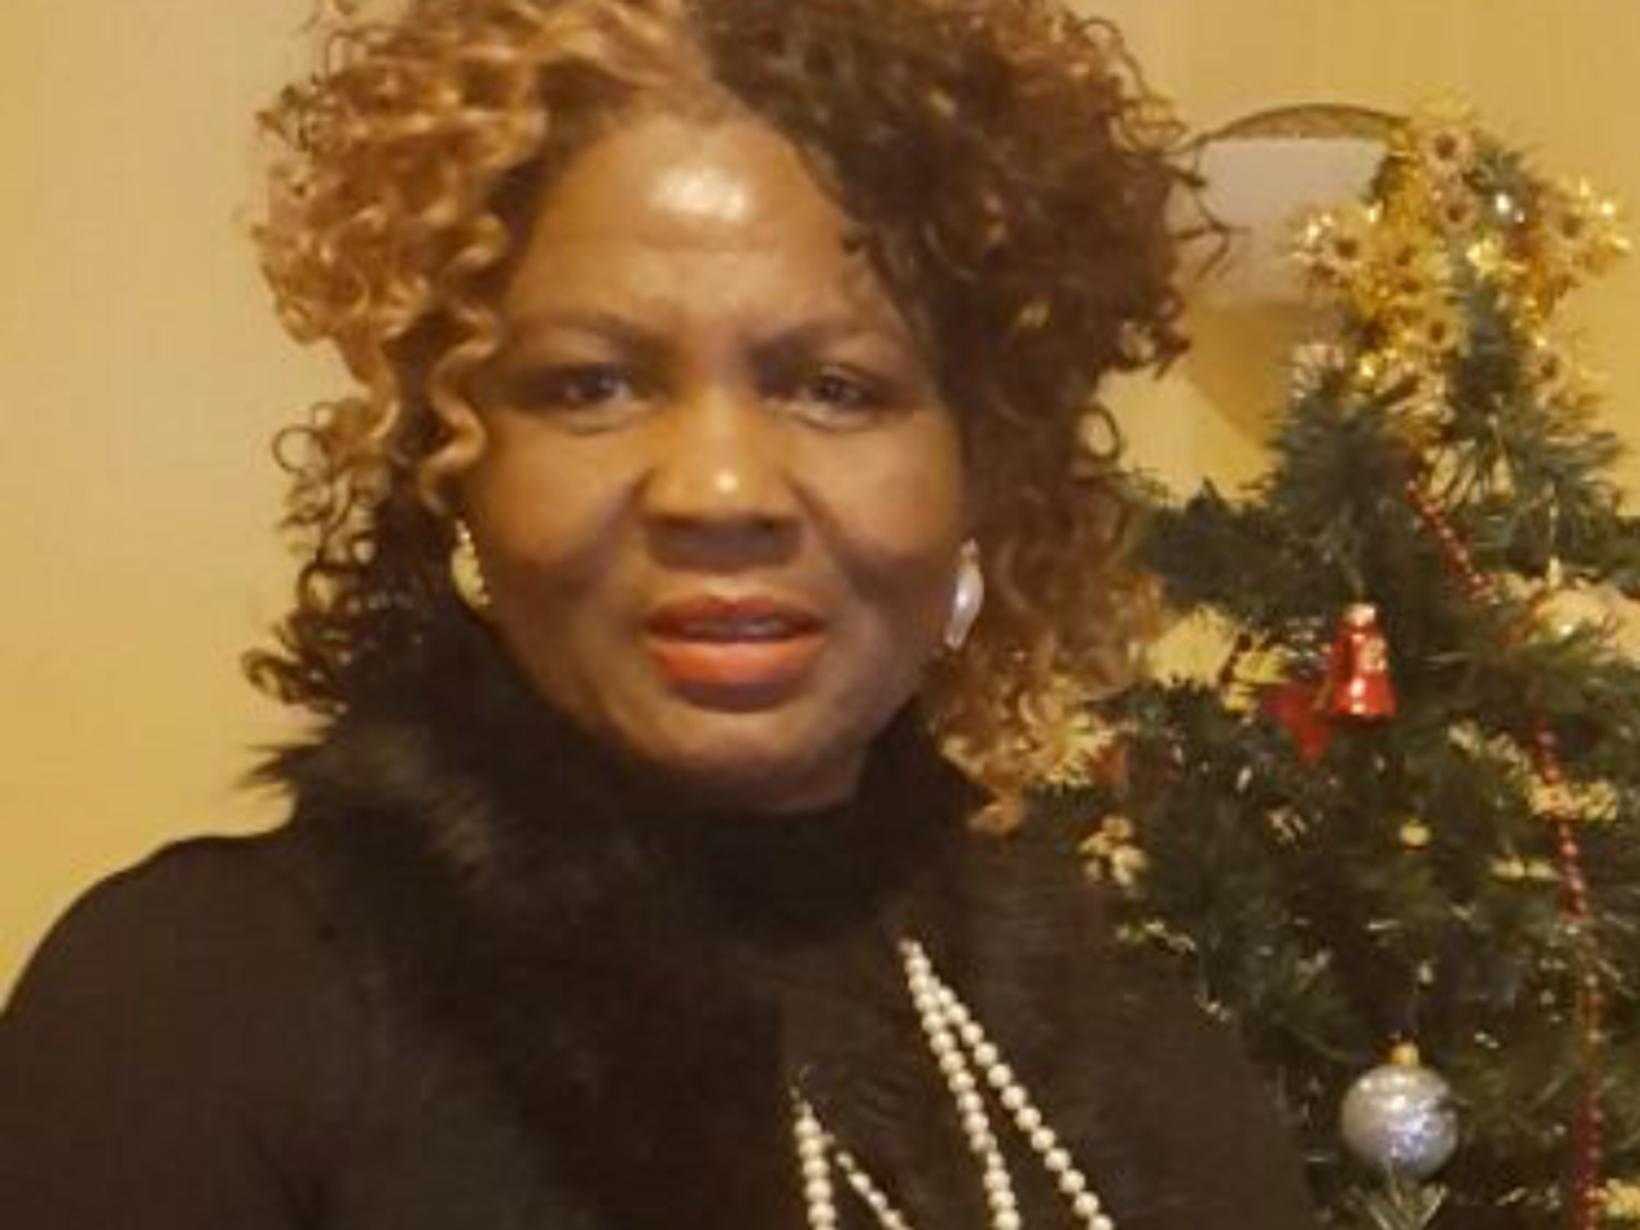 Judy from Nassau, Bahamas